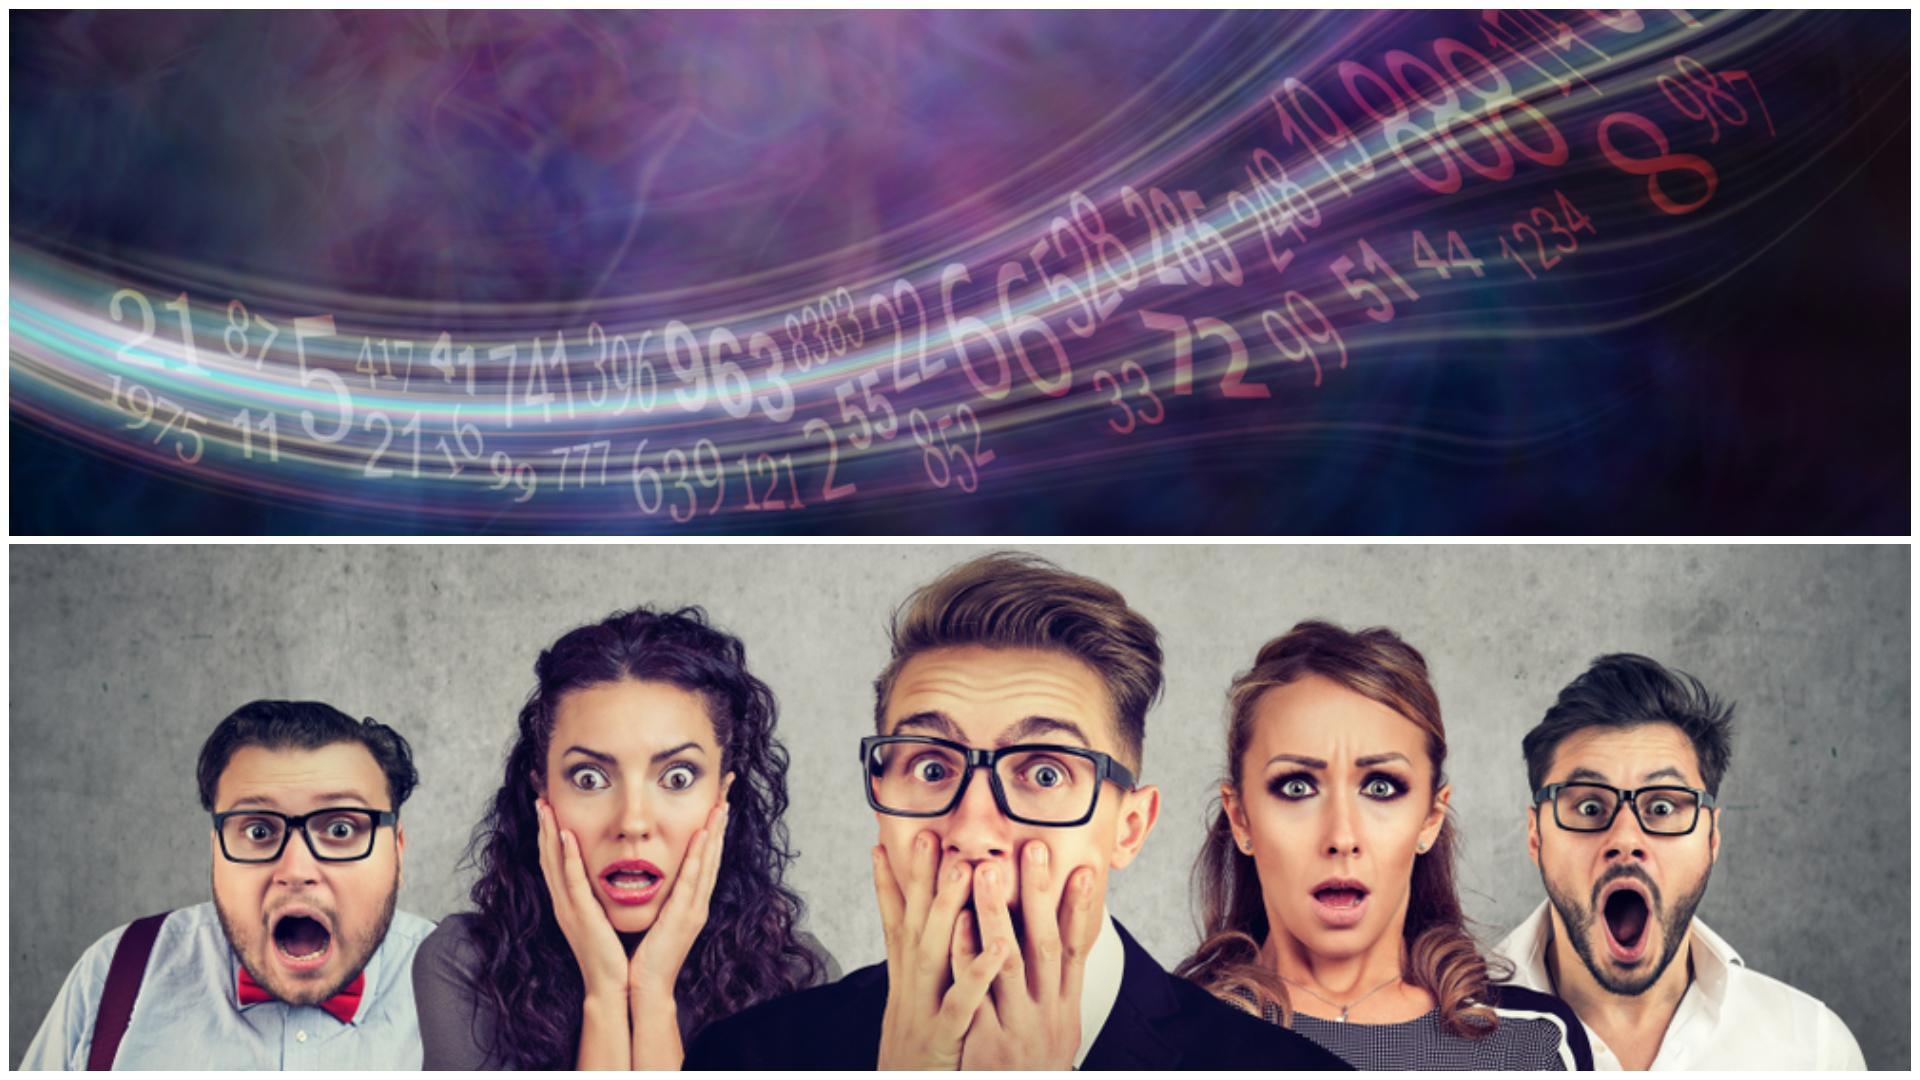 Ce temeri avem în funcție de vibrația interioară. Numerologul Corina Stratulat a explicat ce frici avem de gestionat